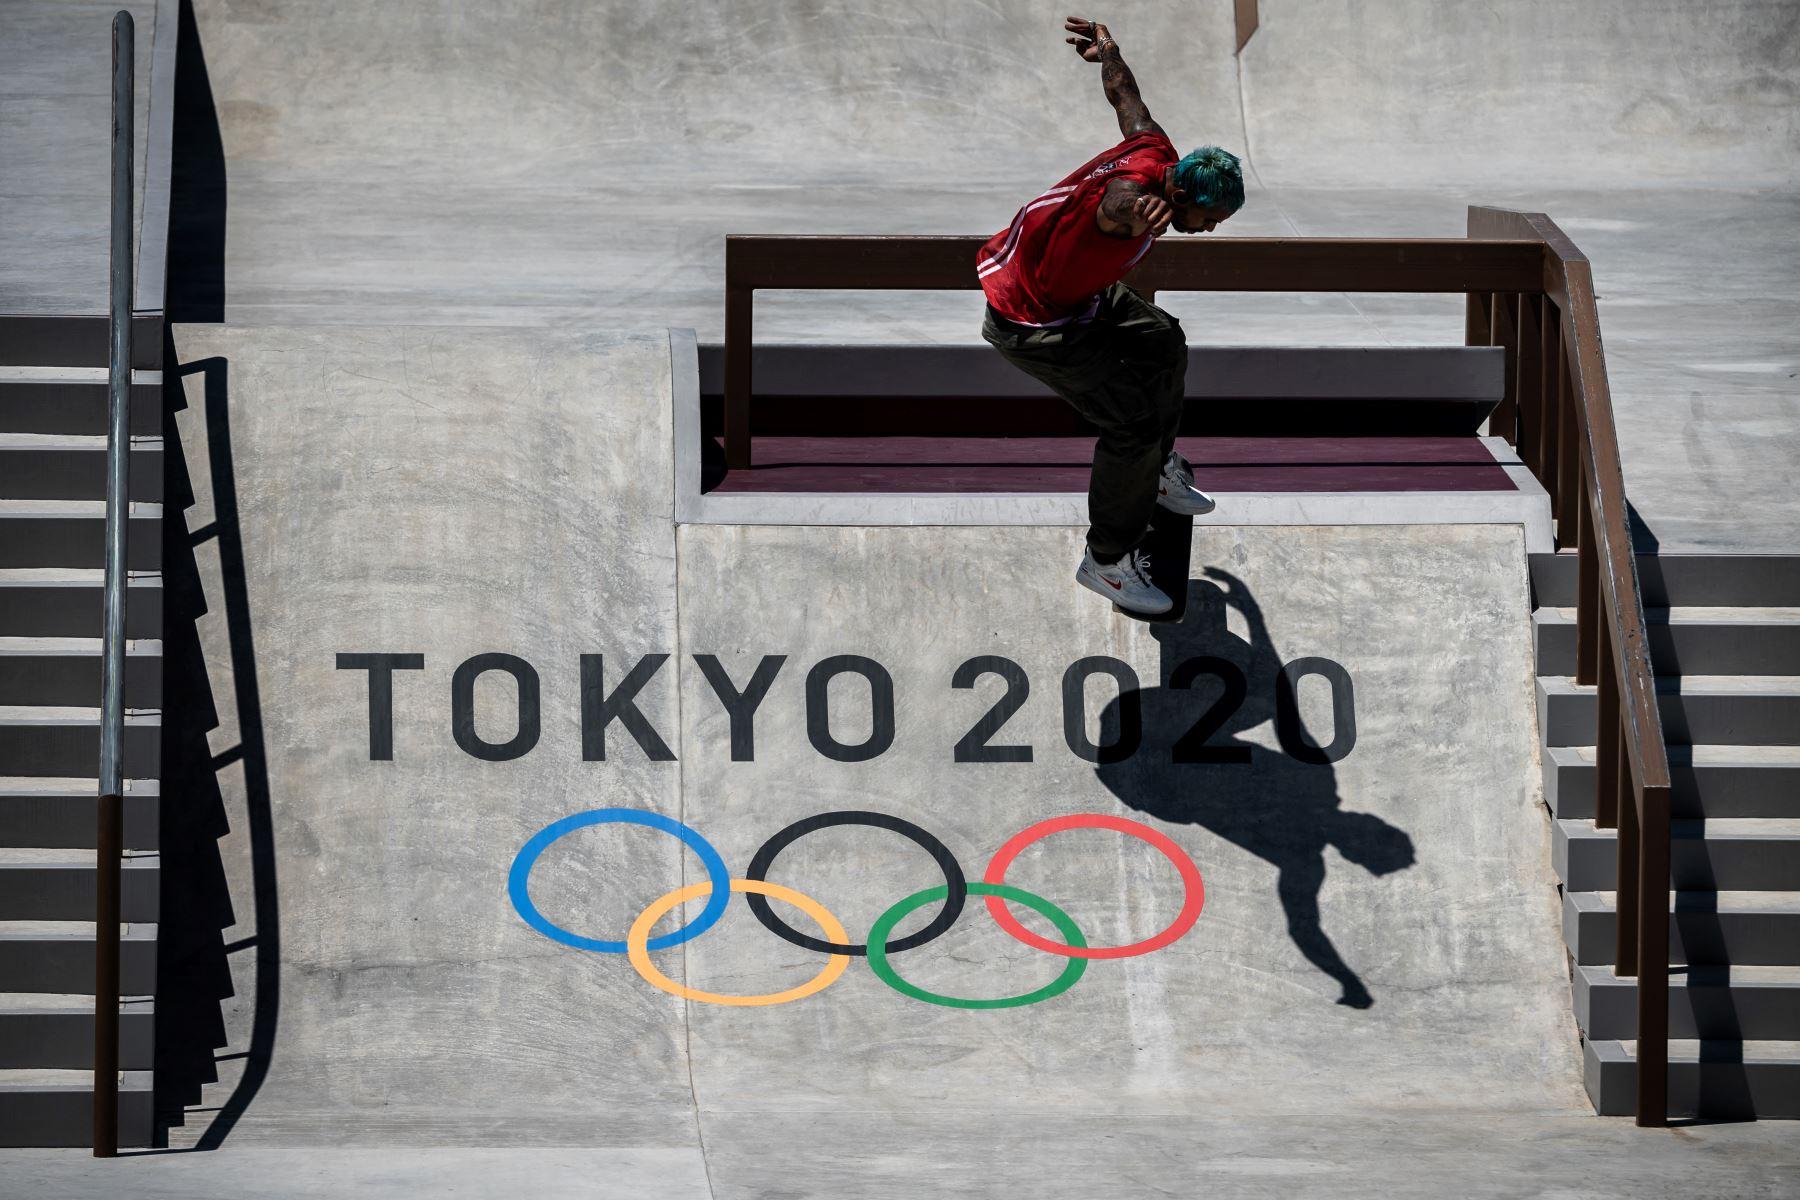 Manny Santiago de Puerto Rico practica en el Ariake Urban Sports Park antes de los Juegos Olímpicos de Tokio 2020. Foto: AFP